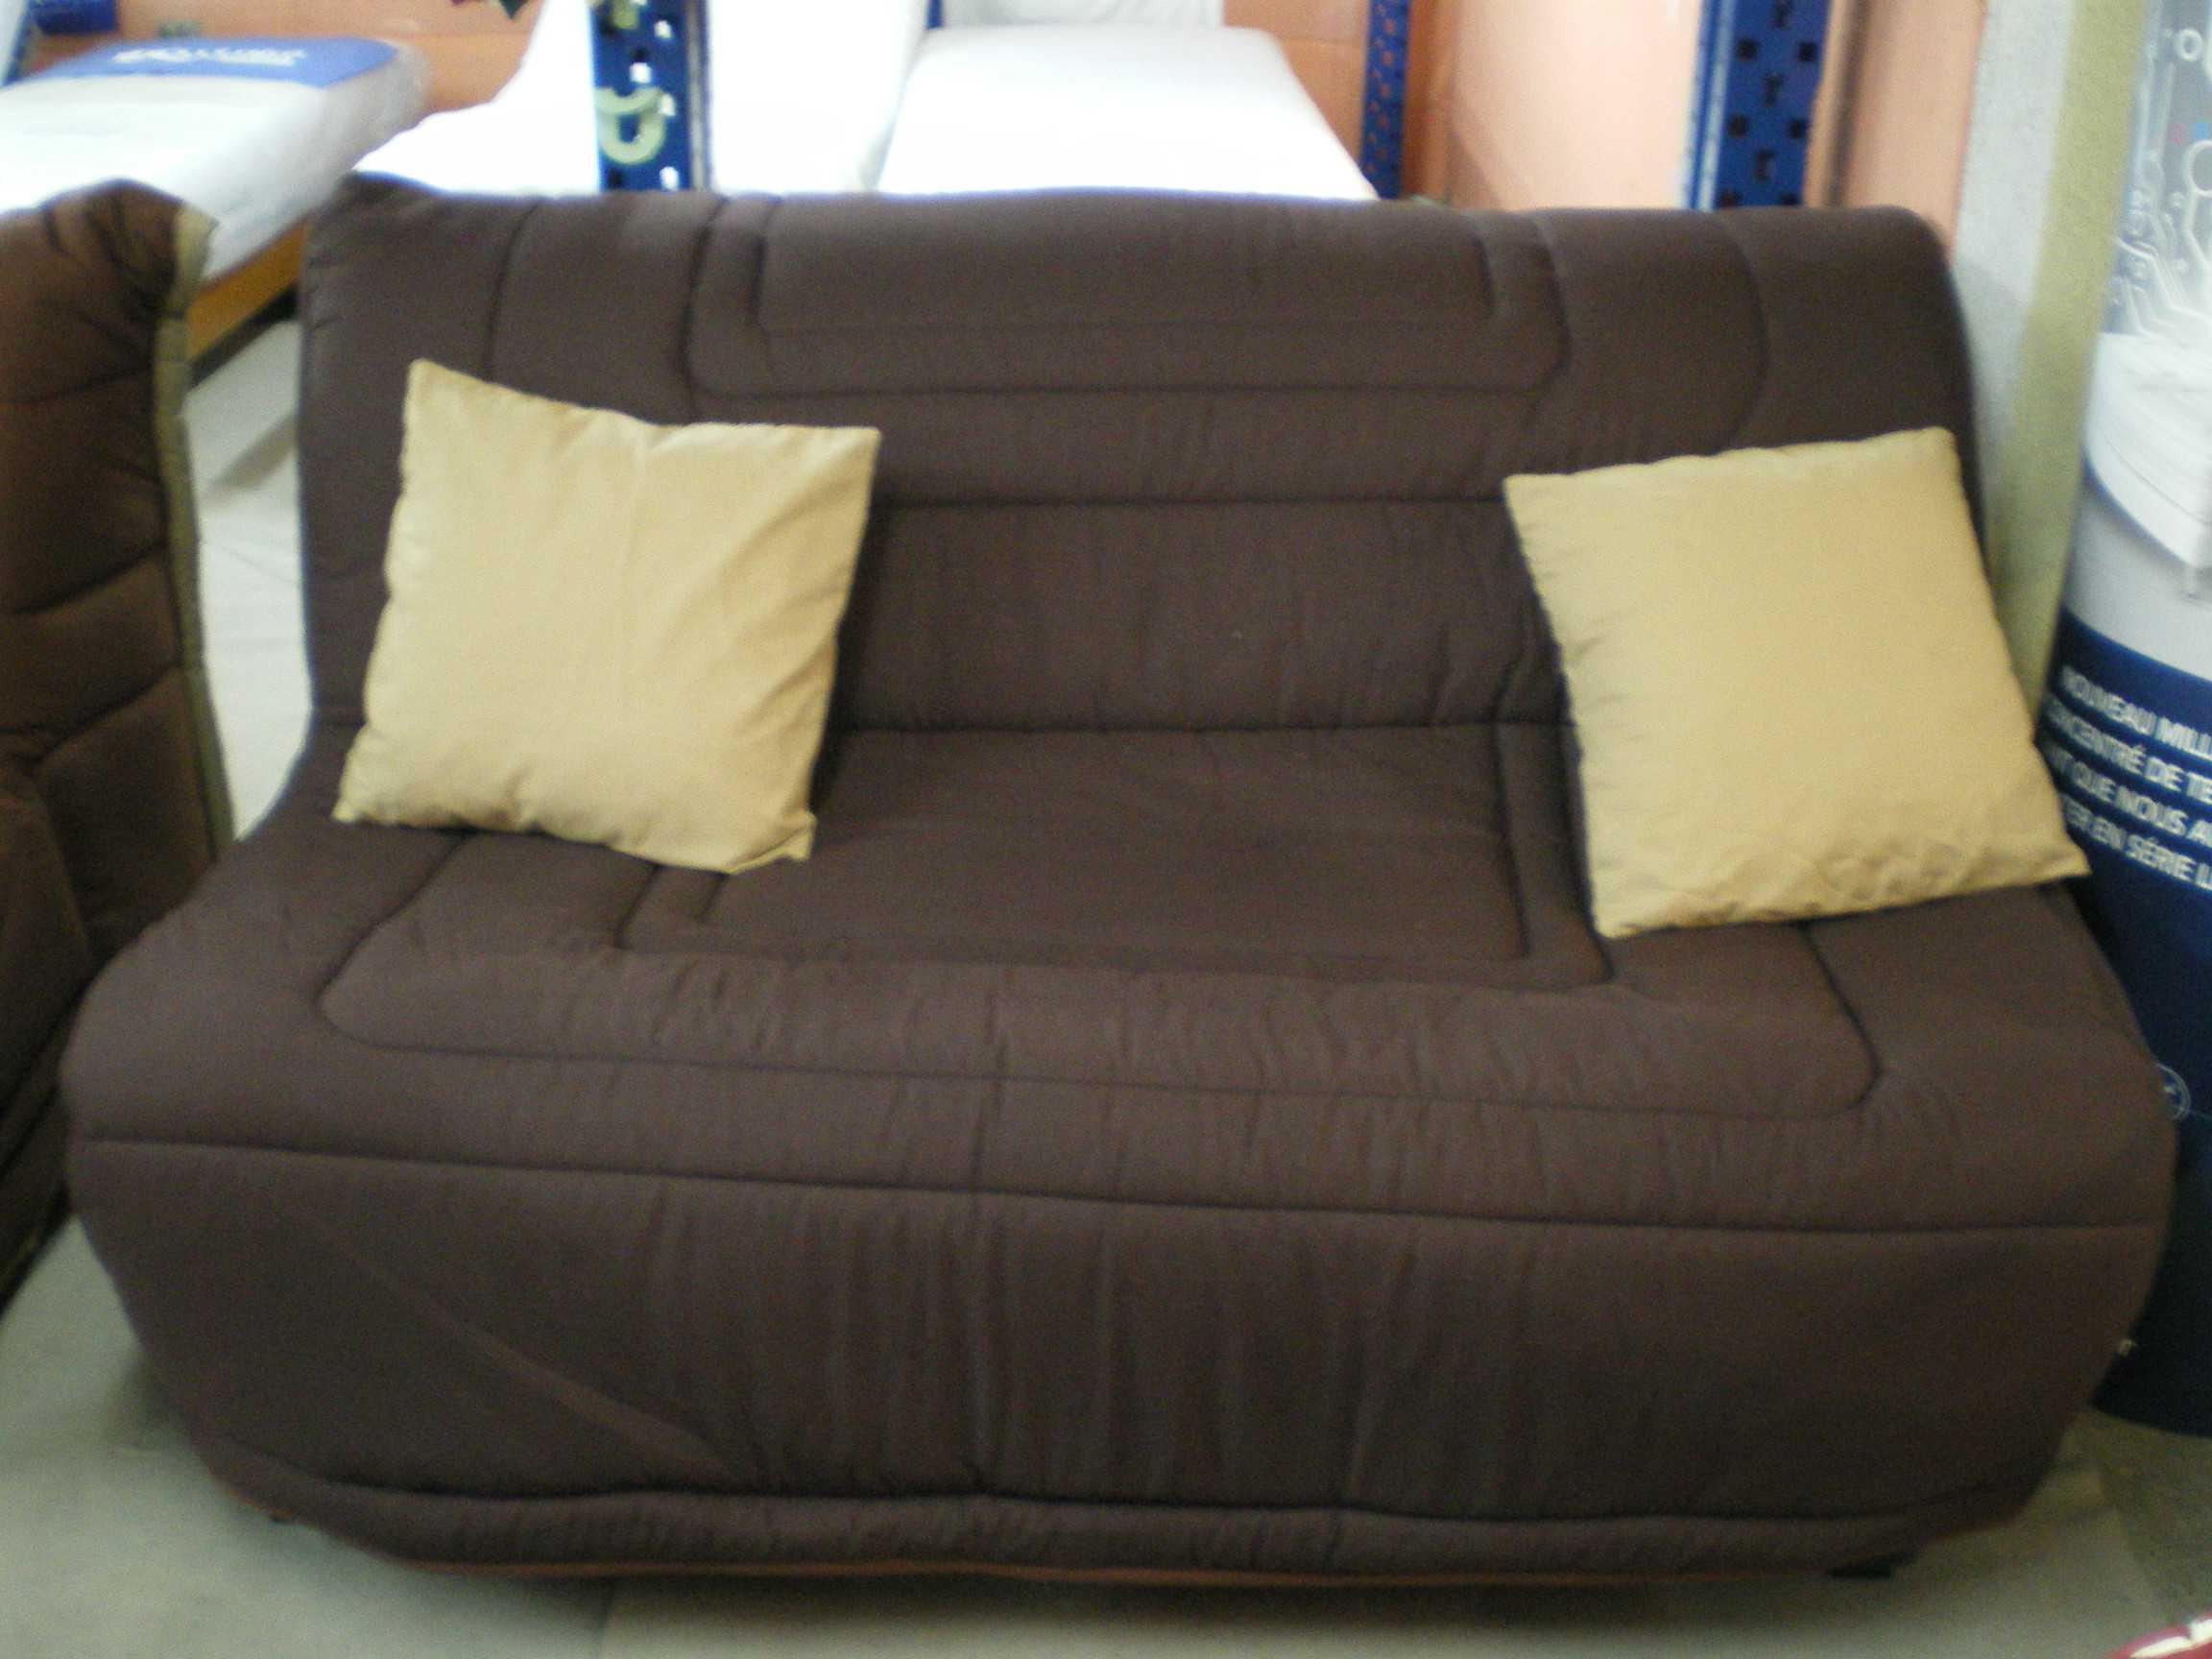 entrepot de la literie les prix moins cher qu 39 internet en magasin sur les grandes marques. Black Bedroom Furniture Sets. Home Design Ideas